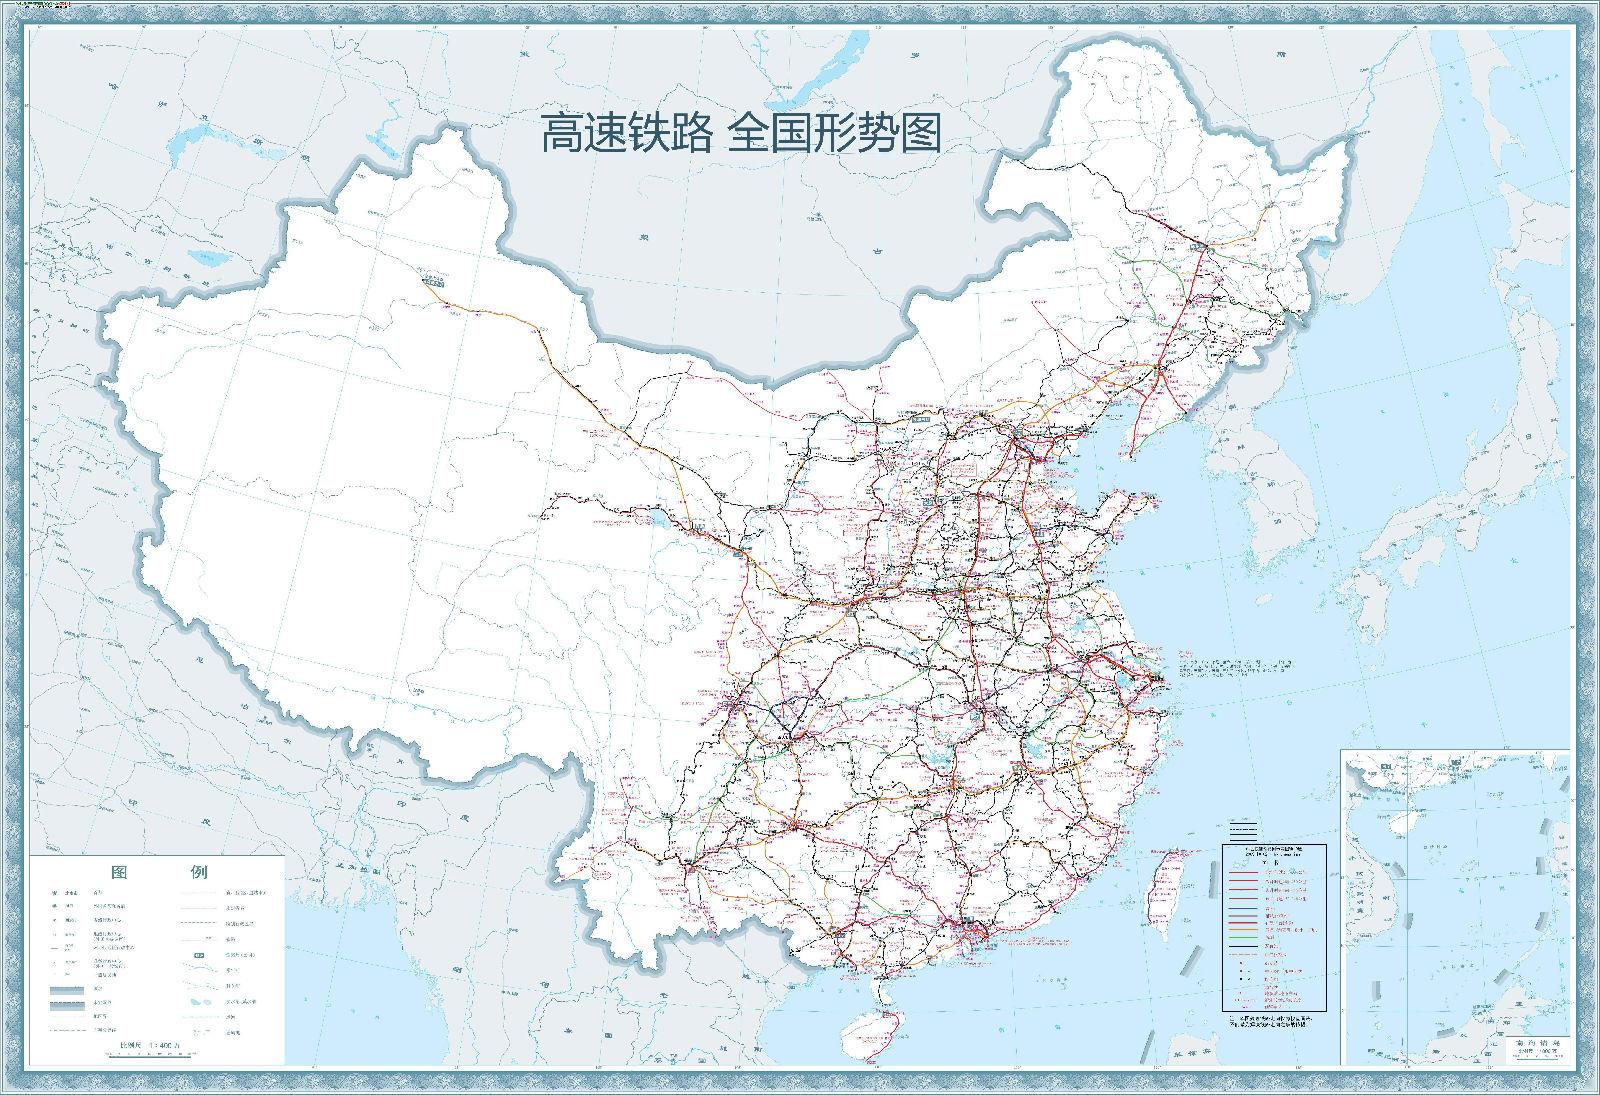 中国高速铁路五横规划线,看看哪条穿过了你的家乡(图2)  中国高速铁路五横规划线,看看哪条穿过了你的家乡(图4)  中国高速铁路五横规划线,看看哪条穿过了你的家乡(图6)  中国高速铁路五横规划线,看看哪条穿过了你的家乡(图8)  中国高速铁路五横规划线,看看哪条穿过了你的家乡(图10)  中国高速铁路五横规划线,看看哪条穿过了你的家乡(图12)